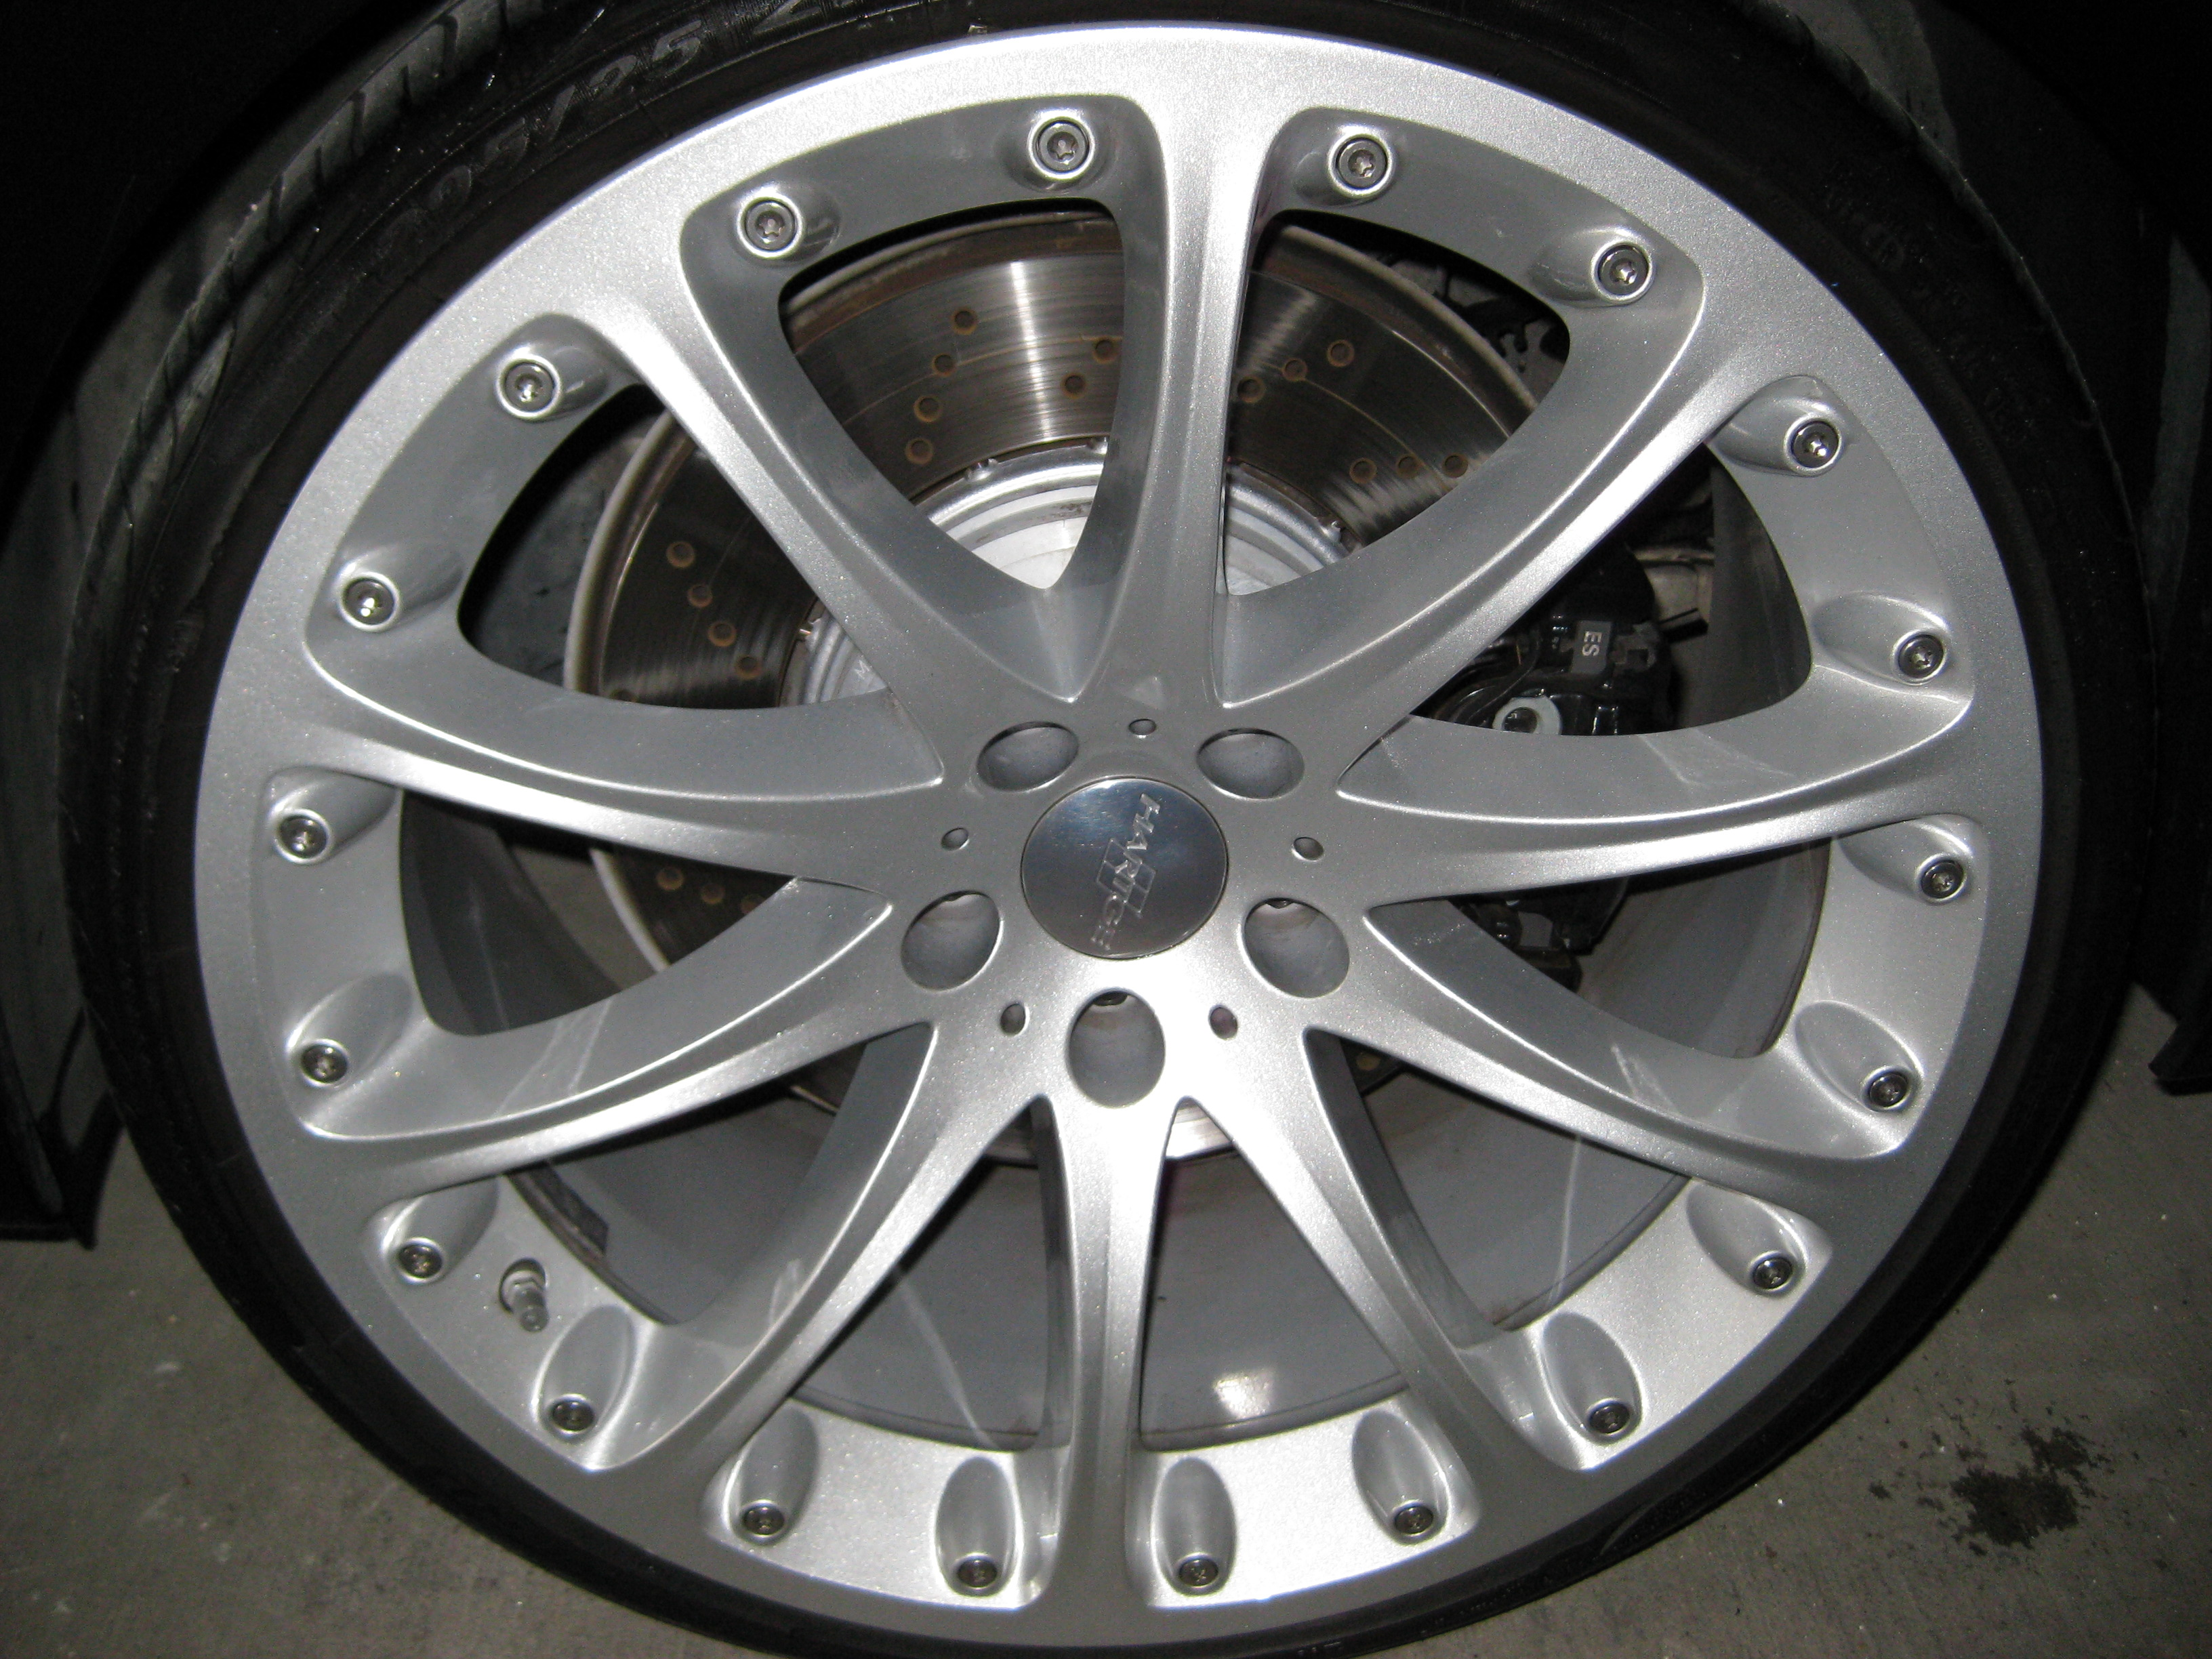 Hartge classic ii wheels for sale!! 21